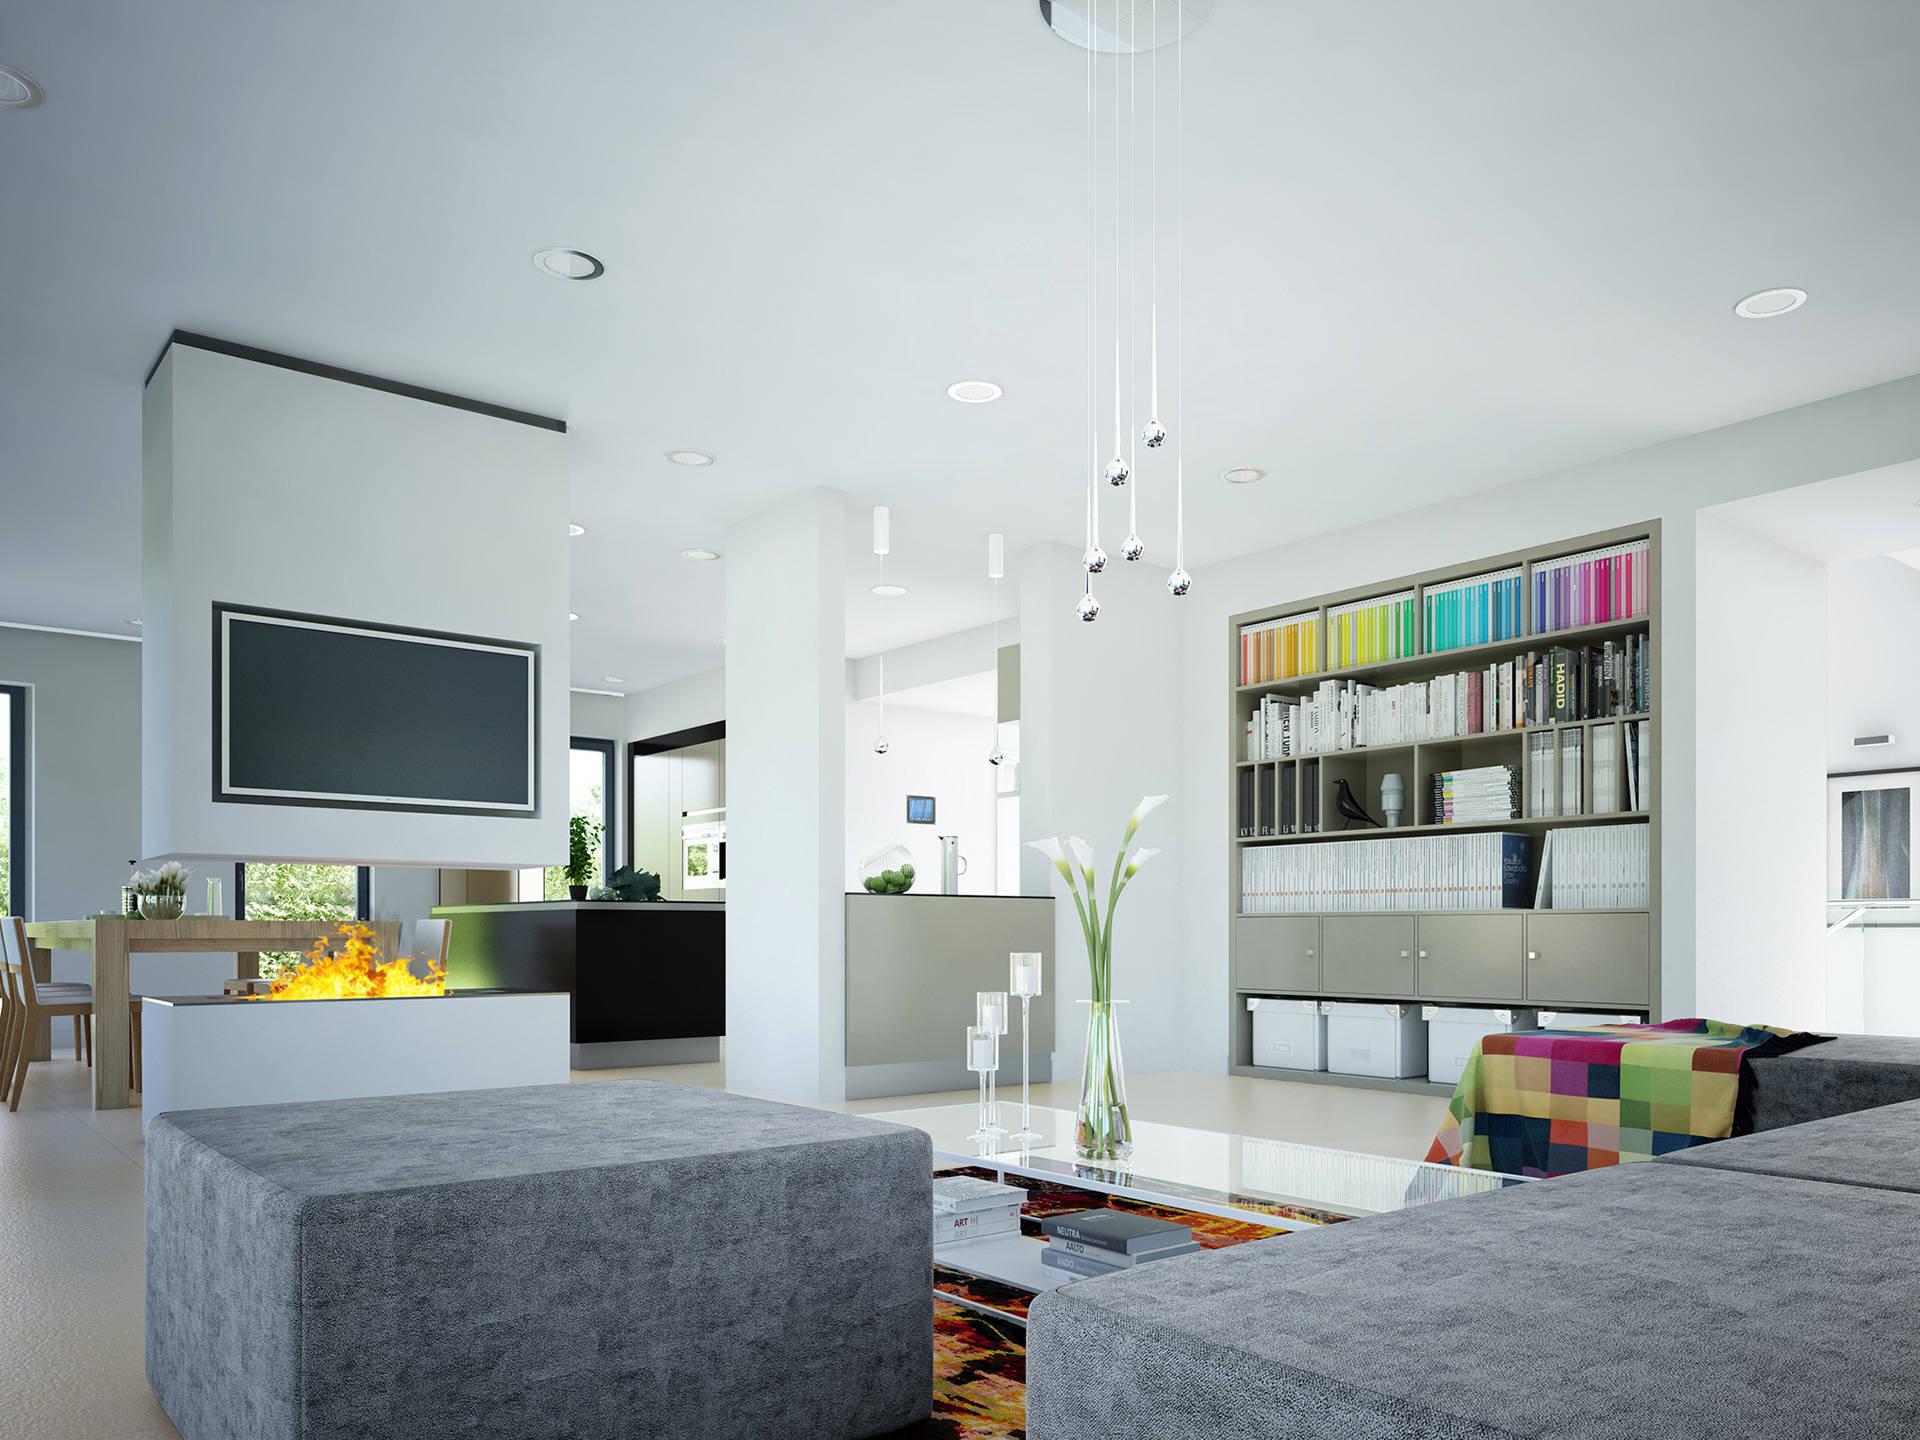 ^ concept-m_wuppertal_ambiente_v2_innenansicht_wohnzimmer.jpg